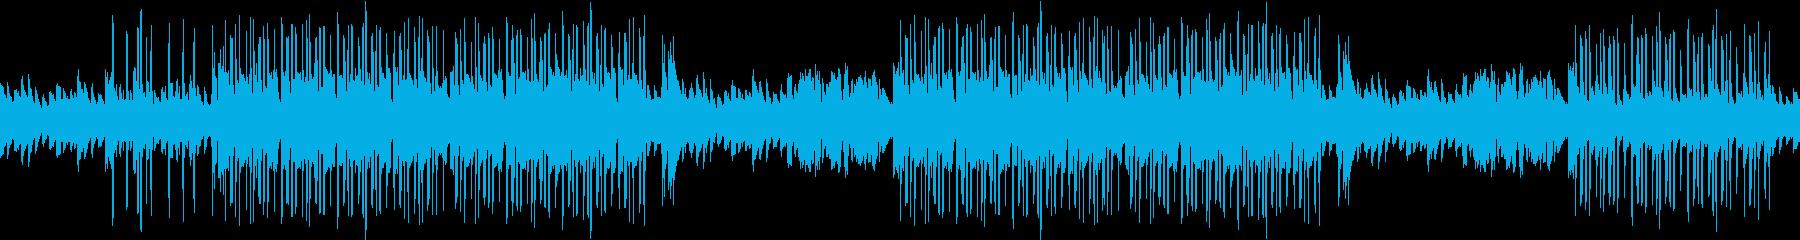 洋館・ホラー・ピアノ・悲しい・ループの再生済みの波形